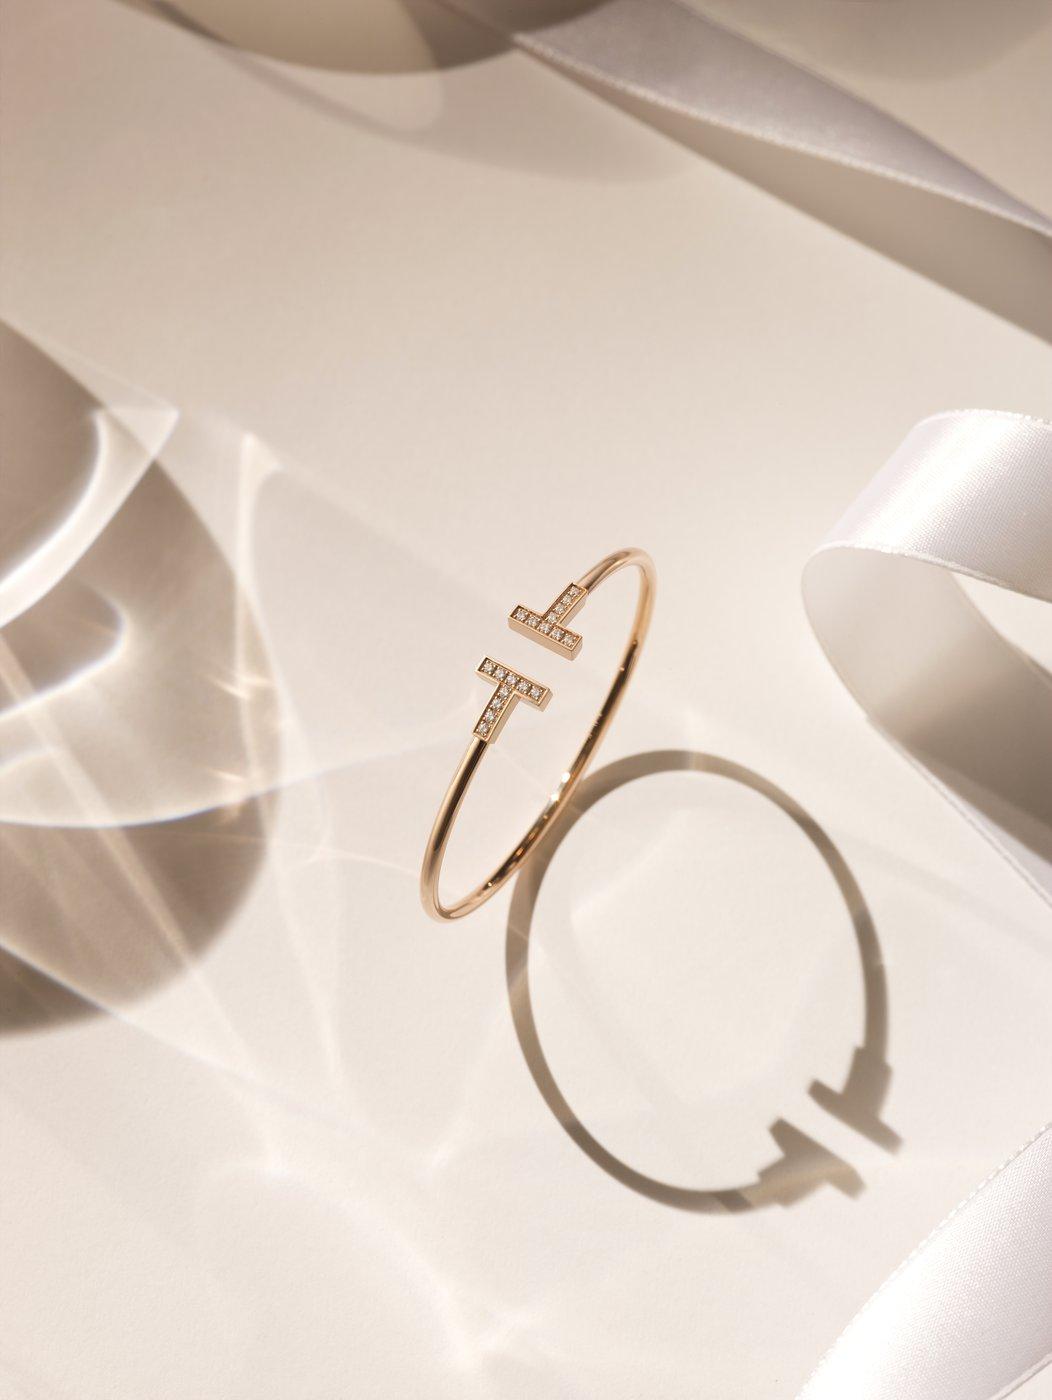 티파니 T 와이어 다이아몬드 브레이슬릿